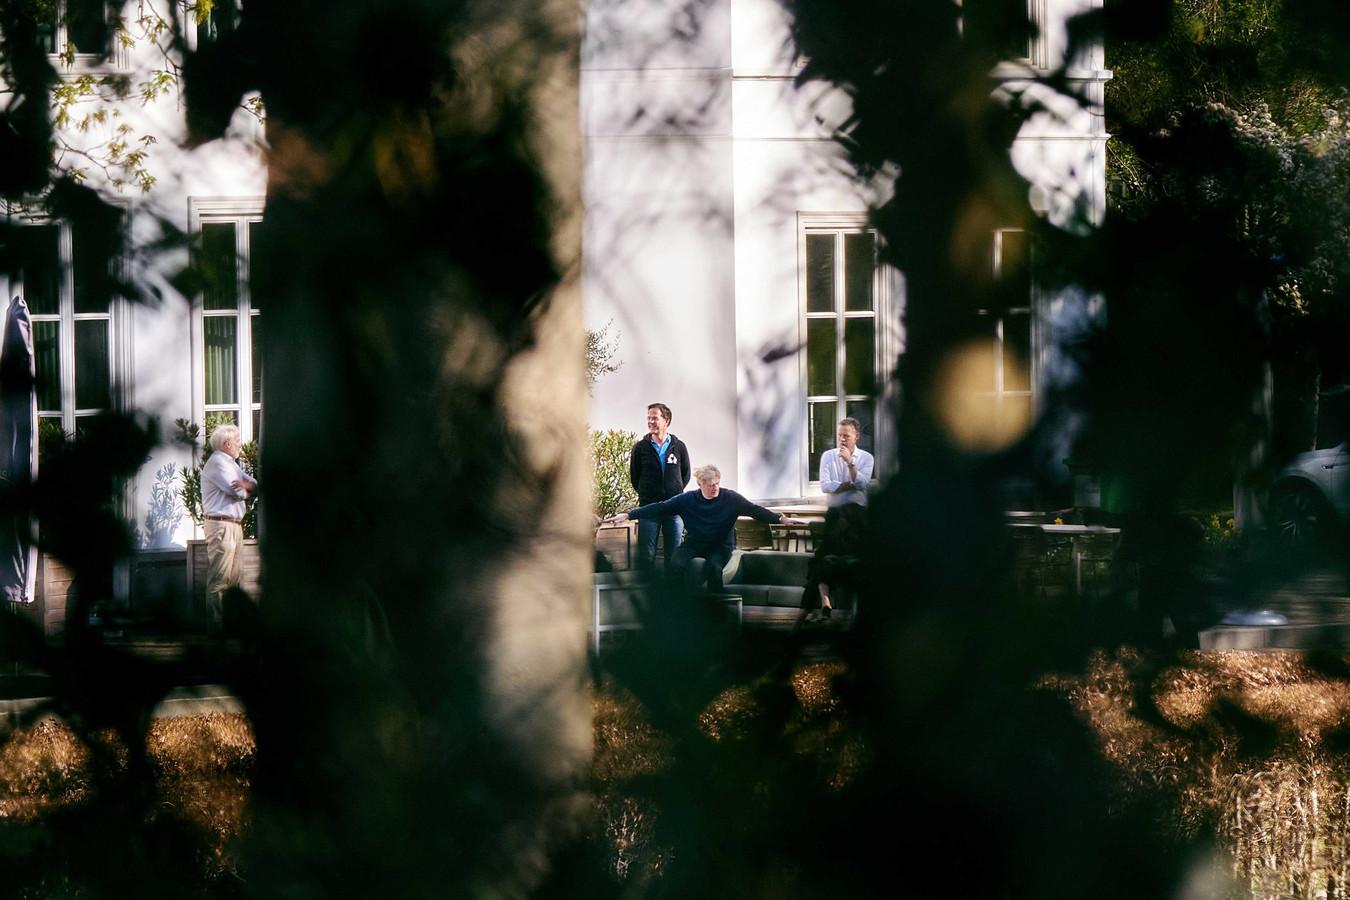 Jaap van Dissel van het RIVM (links), minister-president Mark Rutte en minister Martin van Rijn in de tuin van het Catshuis.